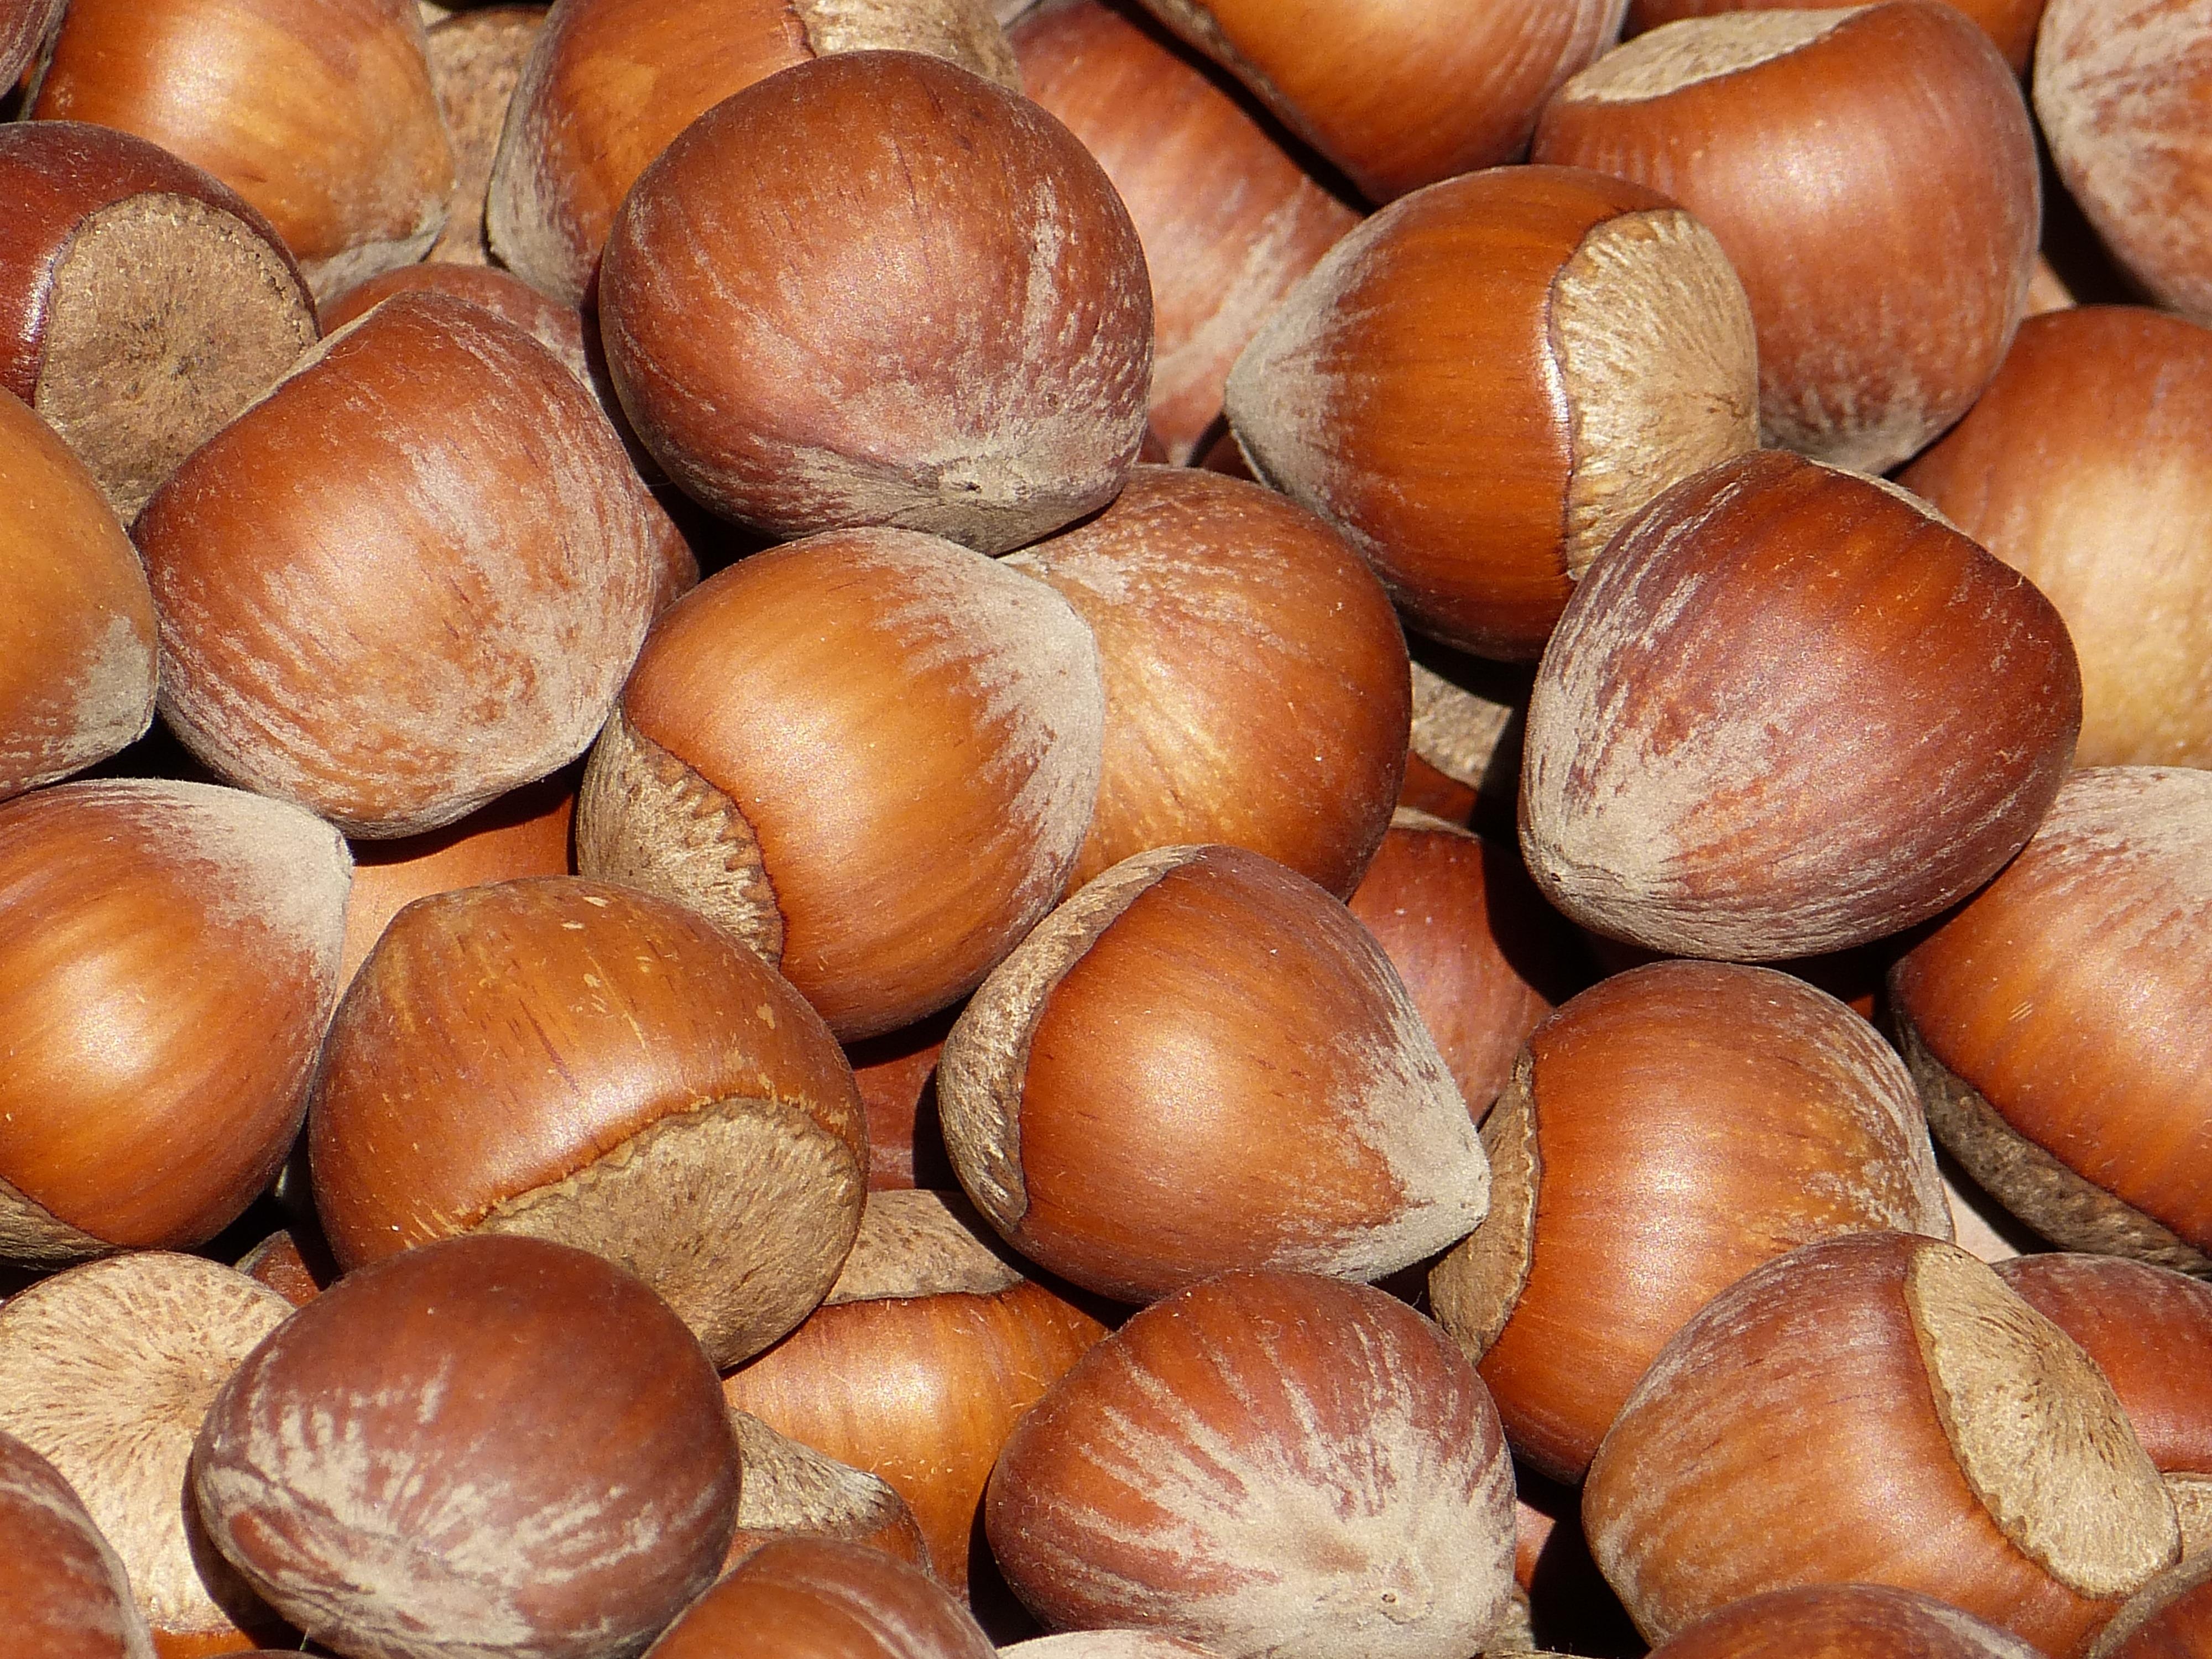 именно фото дерева ореха фундук всех гербах использовался